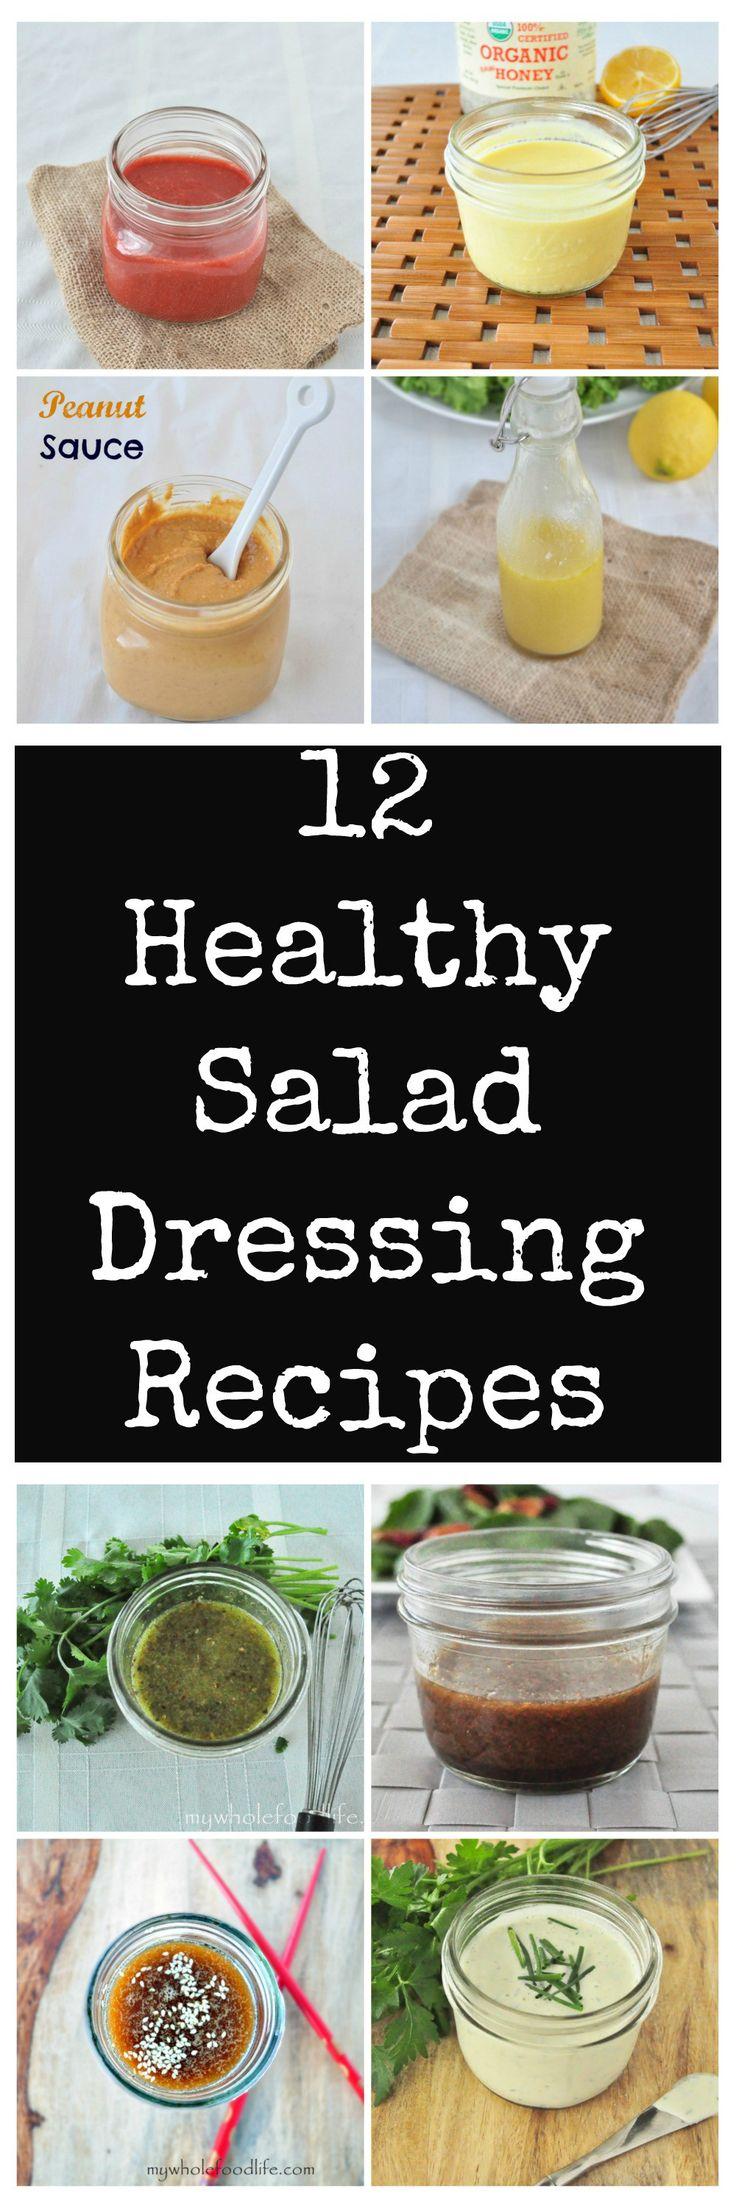 12 Healthy Salad Dressing Recipes